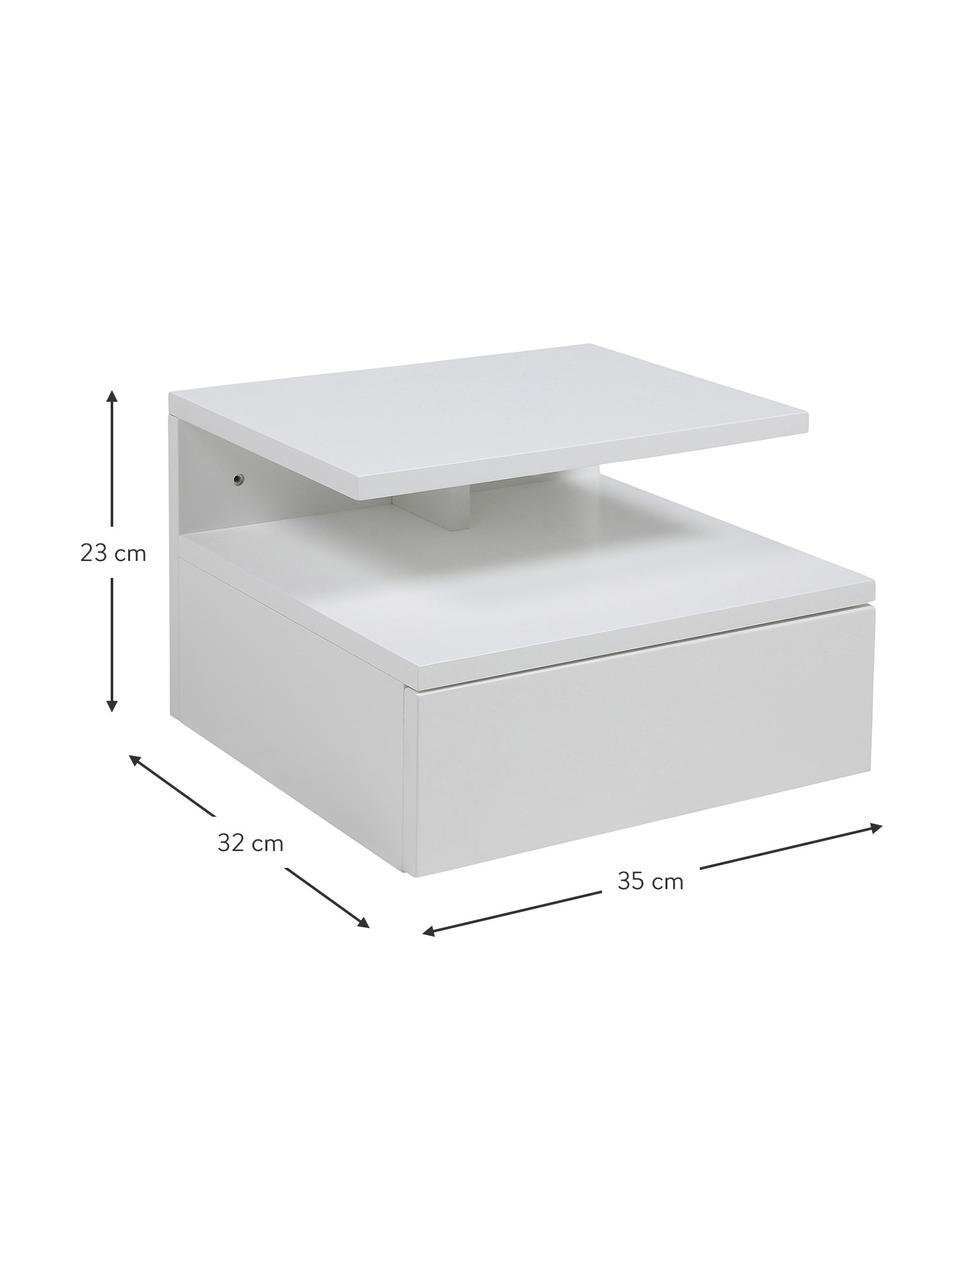 Ścienna szafka nocna z szufladą Ashlan, Płyta pilśniowa średniej gęstości (MDF), lakierowana, Biały, matowy, S 35 x W 23 cm